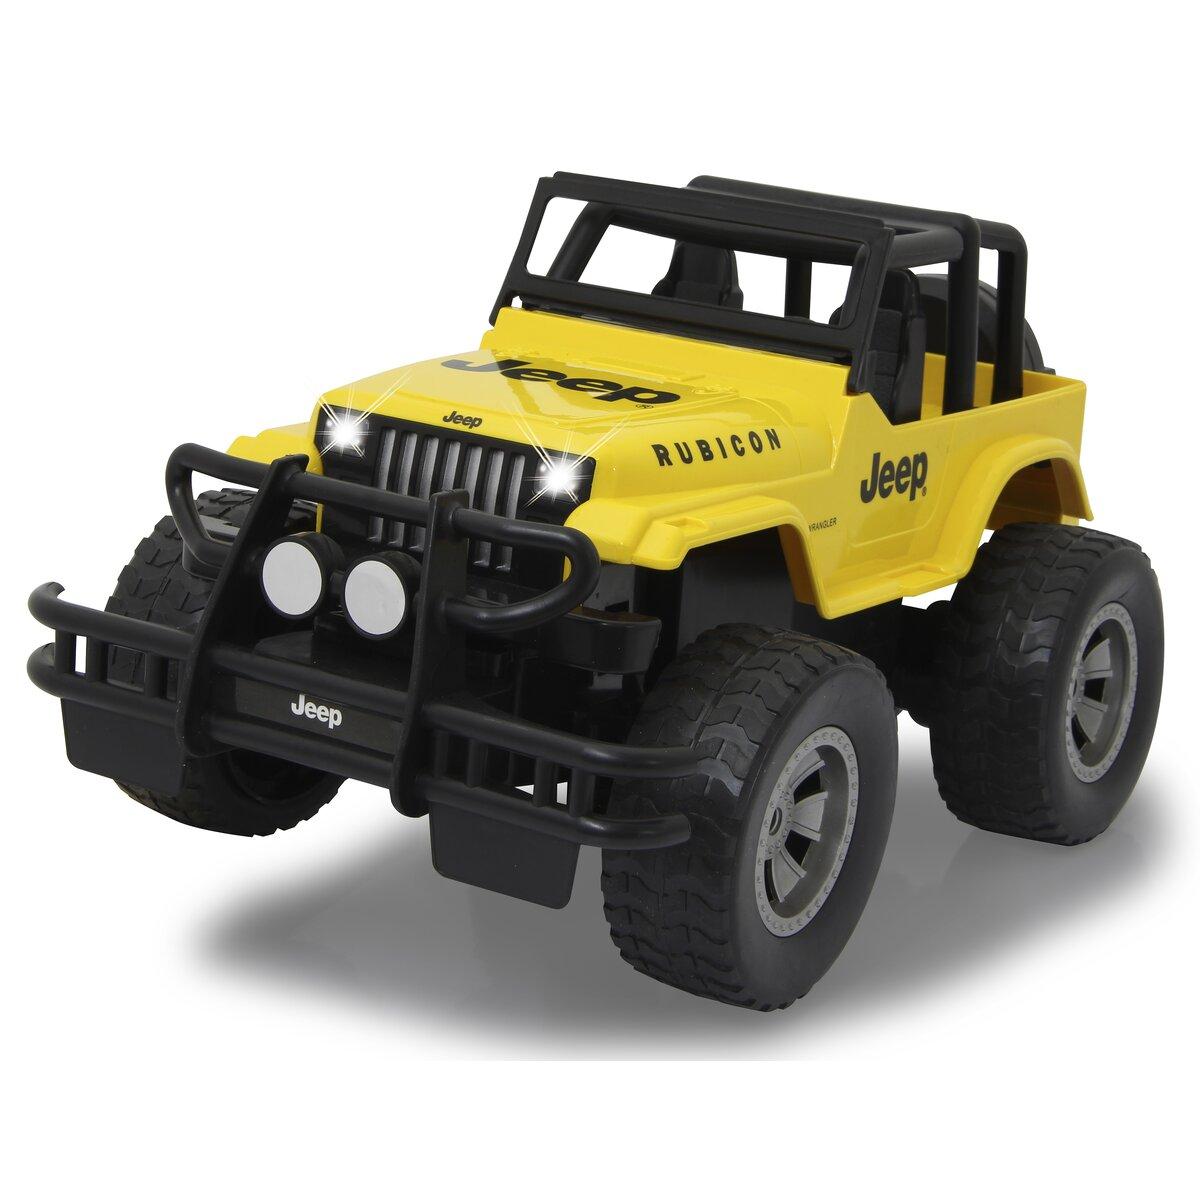 Jeep Wrangler Rubicon 1:12 2,4GHz